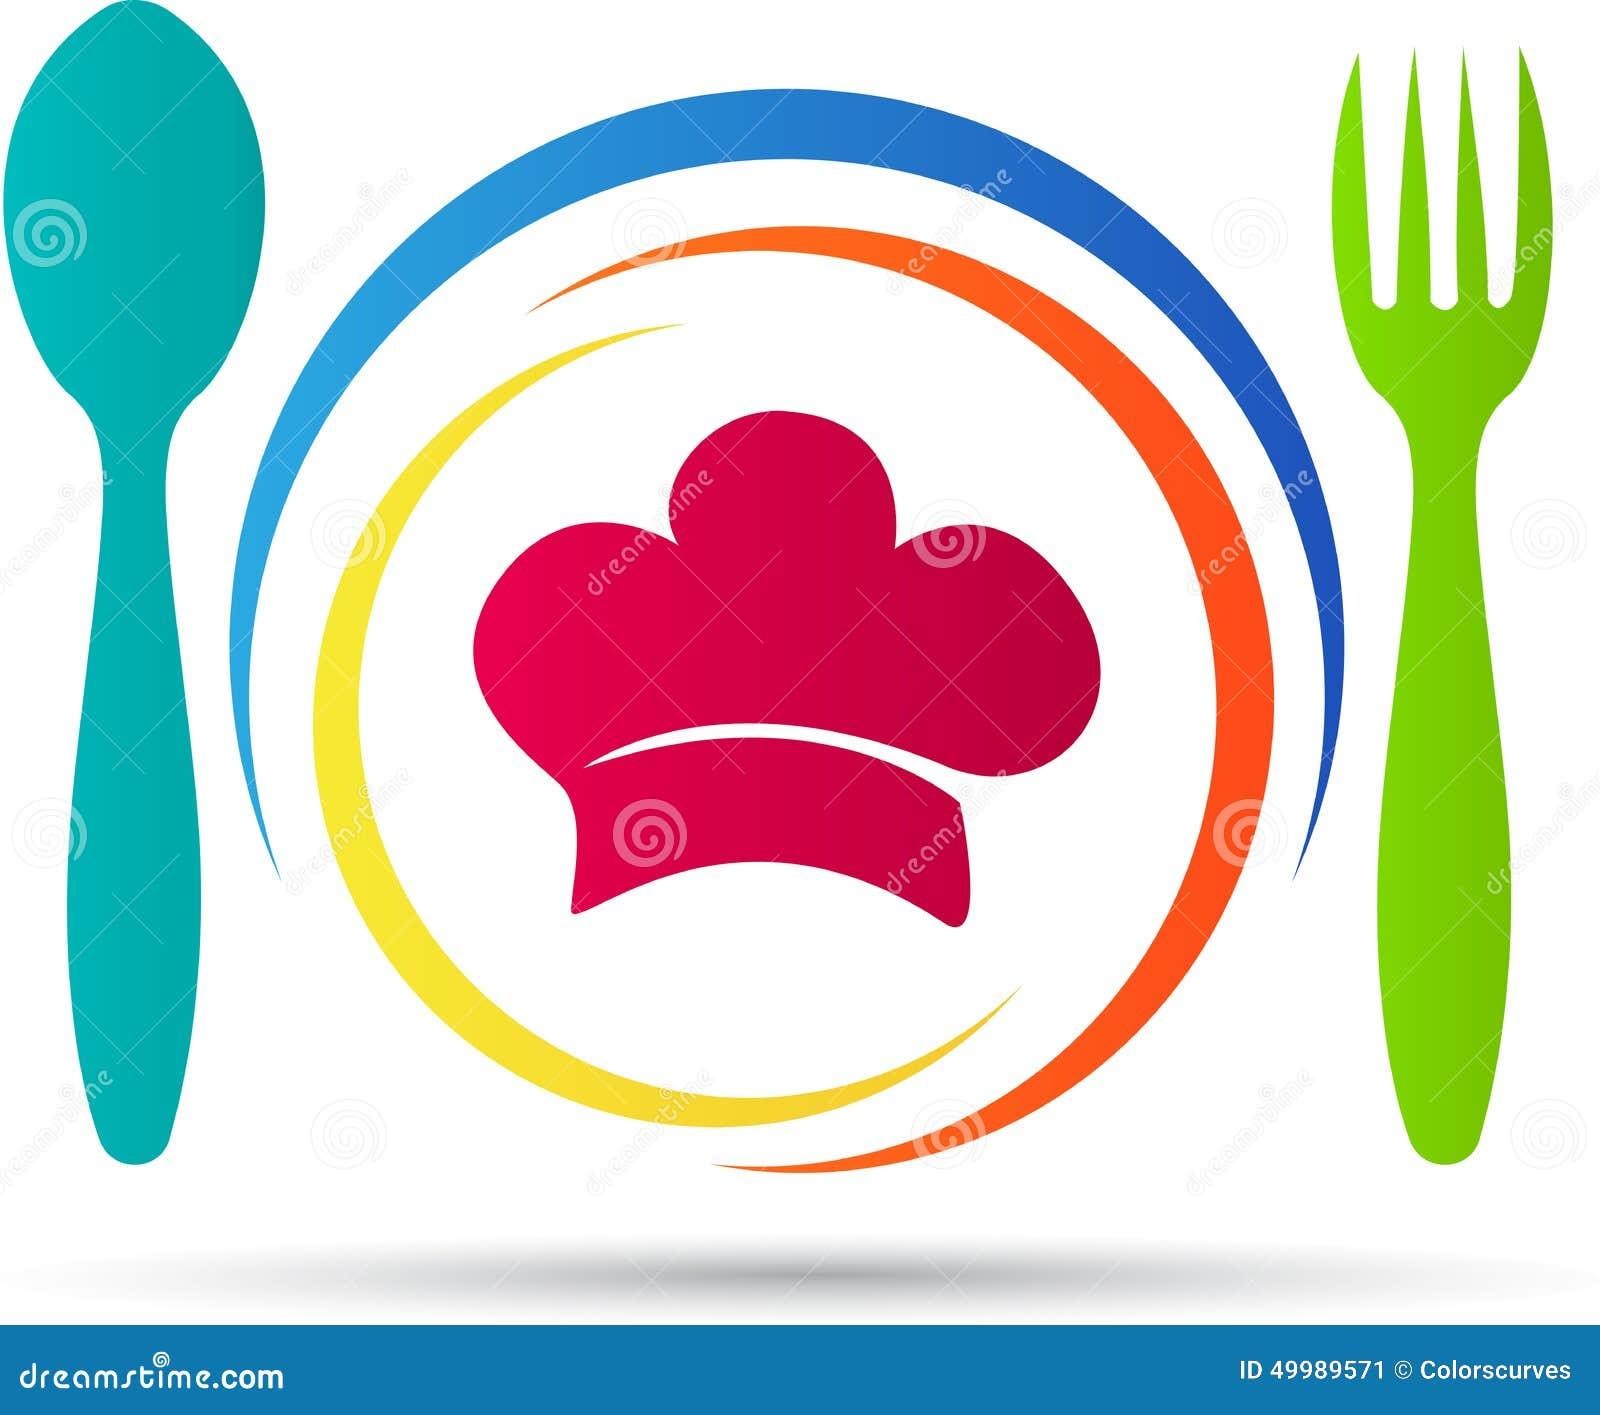 Restaurant logo stock vector illustration of cartoon